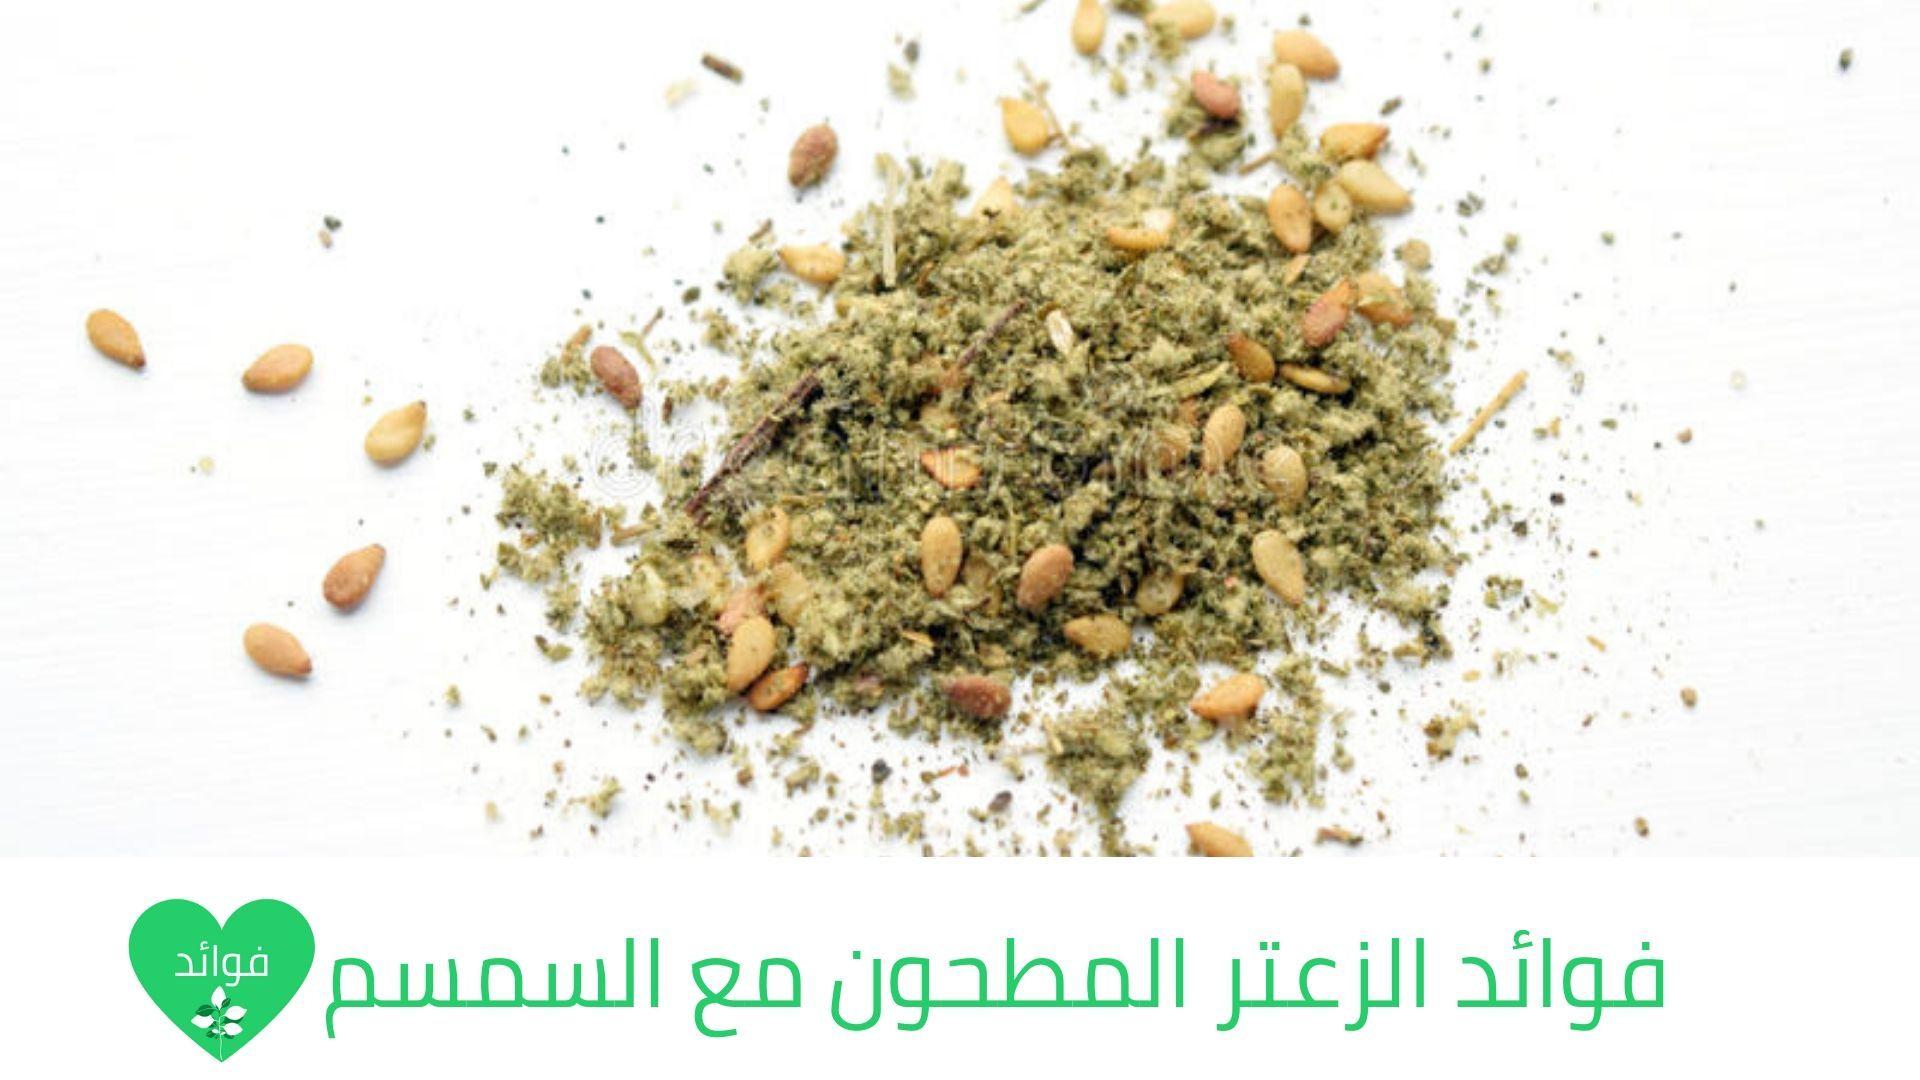 فوائد الزعتر المطحون مع السمسم للصحة والجمال والطريقة الصحيحية لاستخدامه How To Dry Basil Herbs Basil